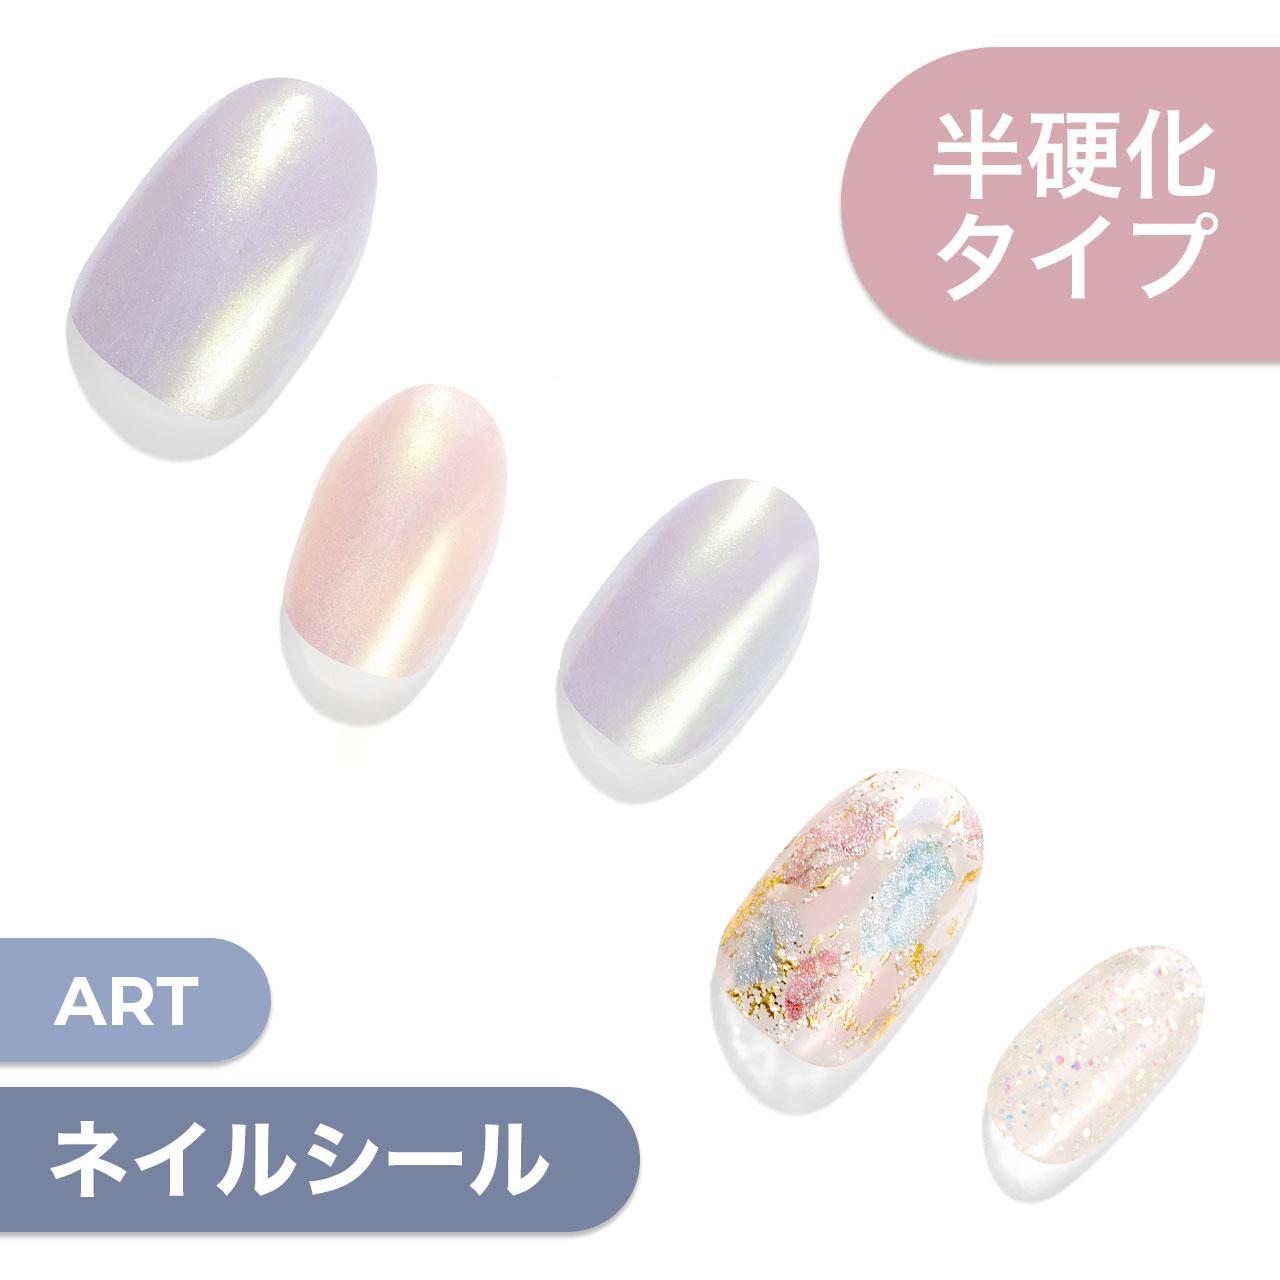 【Mystic Dream】ダッシングディバグレーズ